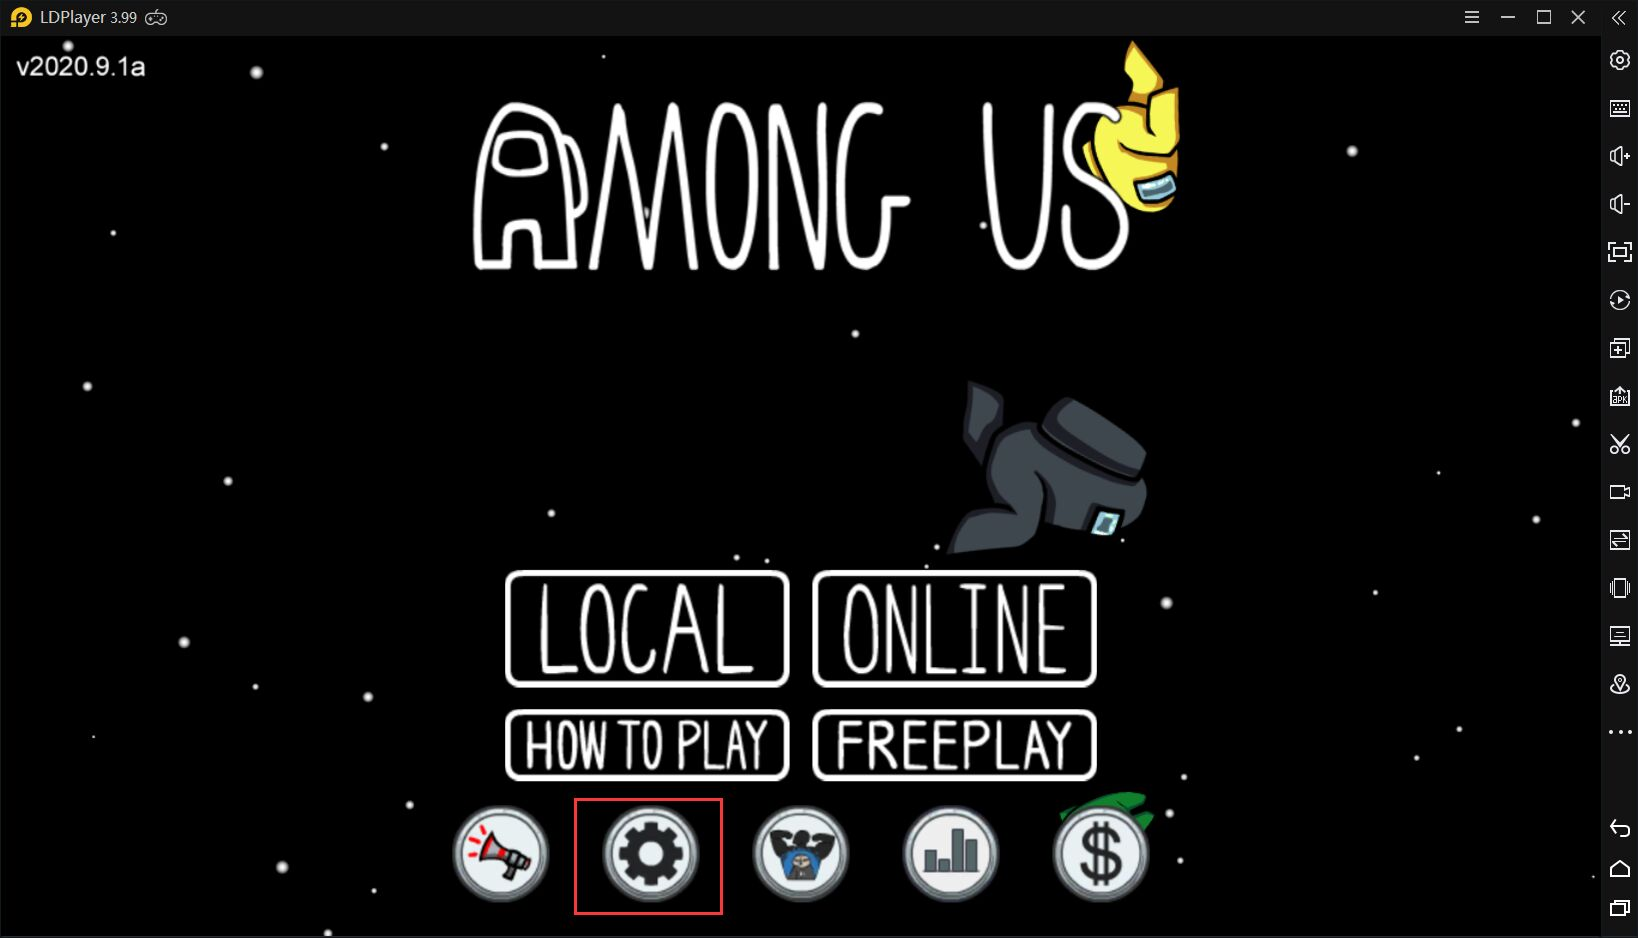 어몽어스(Among Us) PC로 무료 즐기기! LD플레이어 하나로 해결